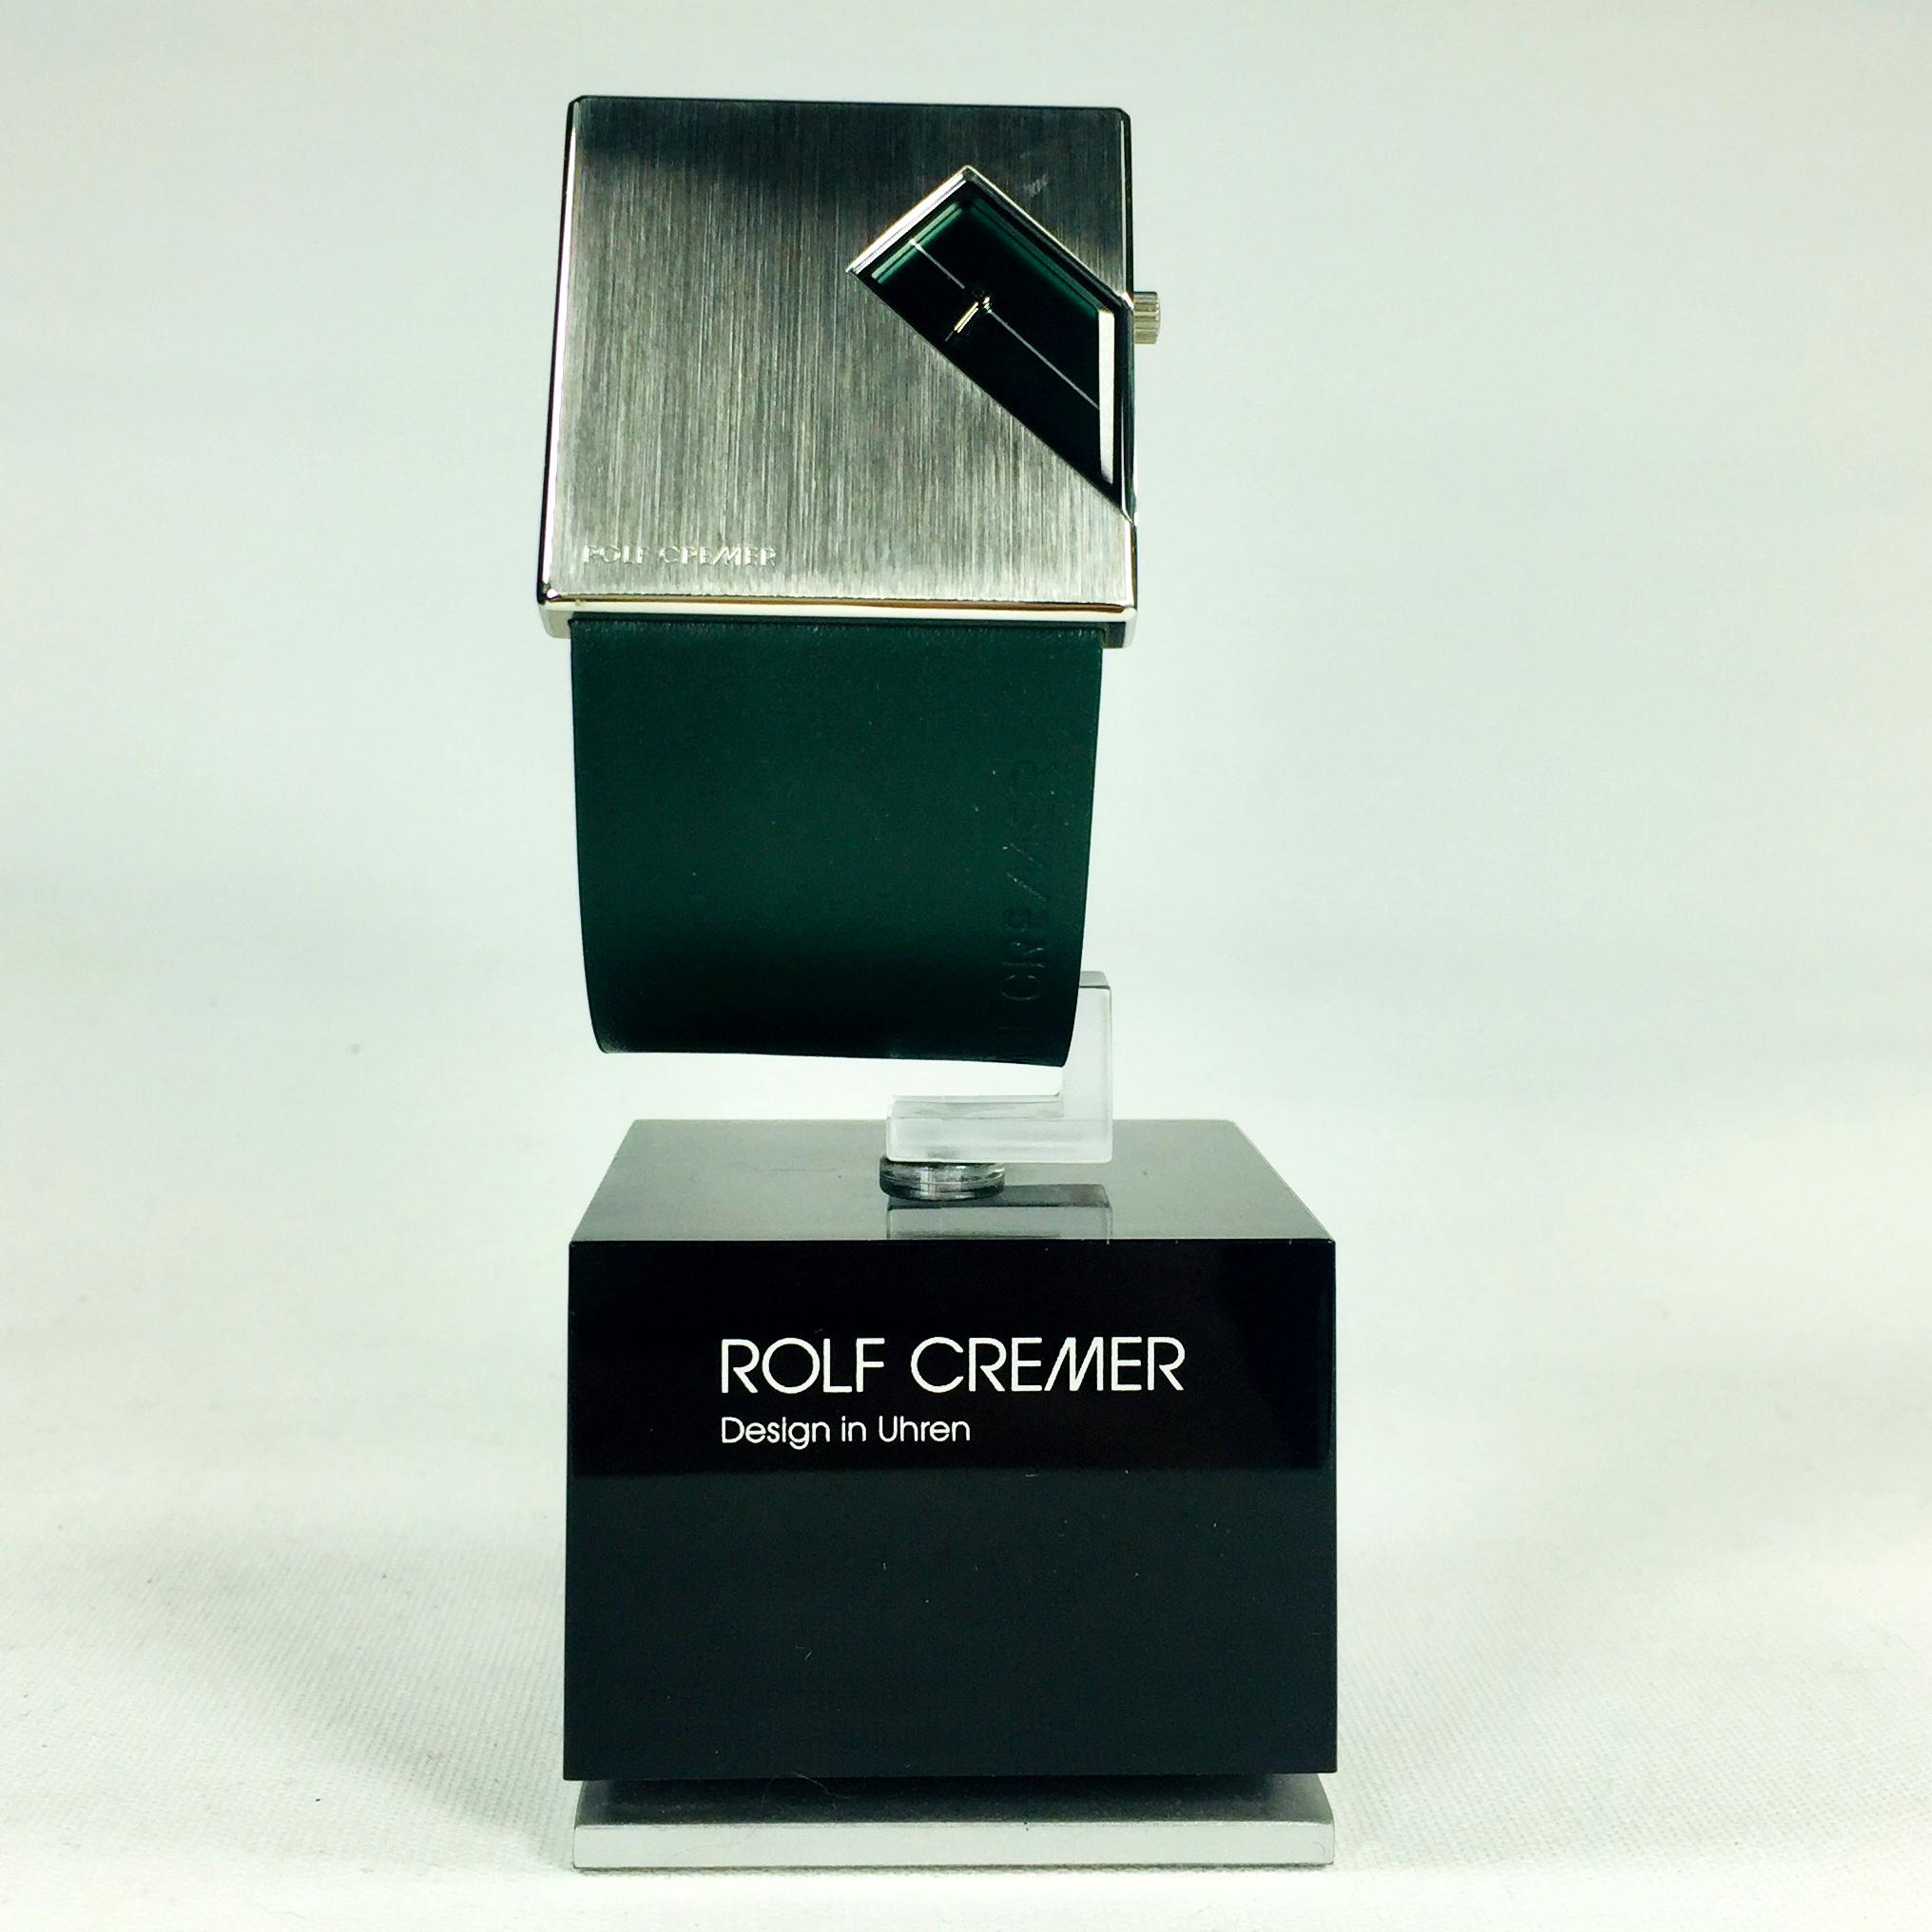 Rolf Cremer Straight Q Design Armbanduhr (502204) Bild 2